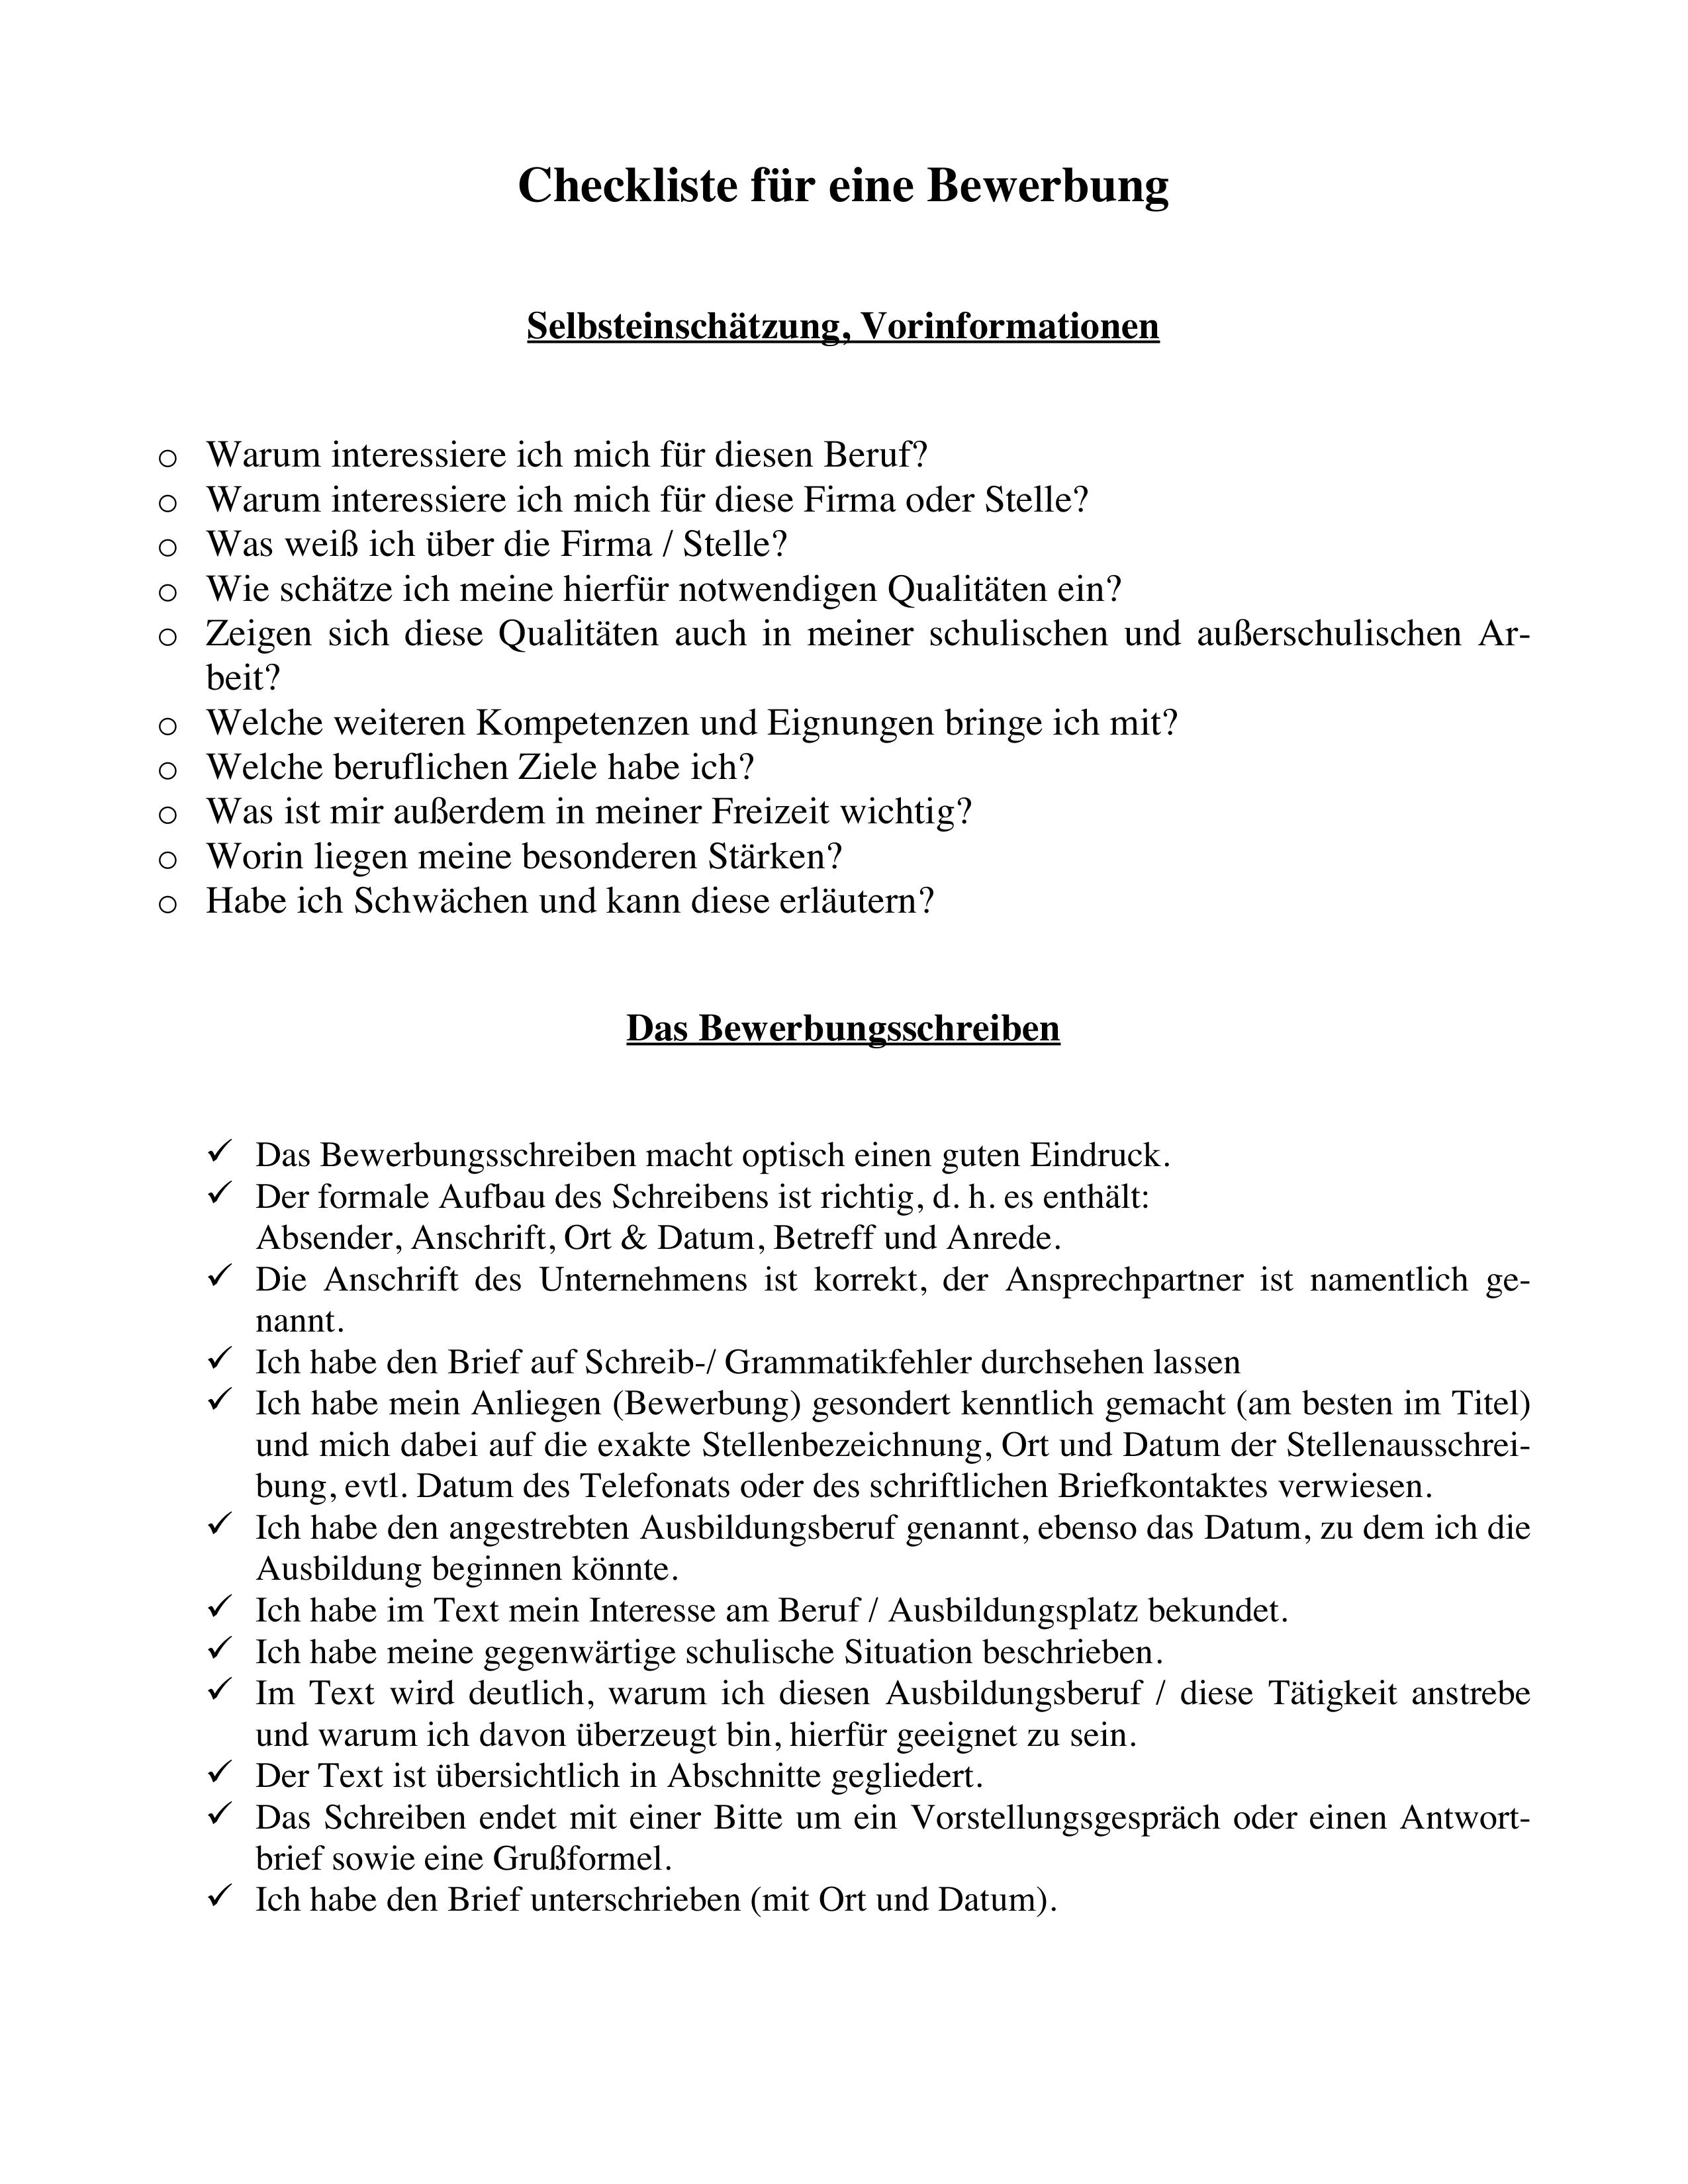 Checkliste Zum Schreiben Einer Bewerbung Bewerbungsmappe Unterrichtsmaterial In Den Fachern Arbeitslehre Deutsch In 2020 Bewerbung Schreiben Bewerbung Motivation Zum Lernen